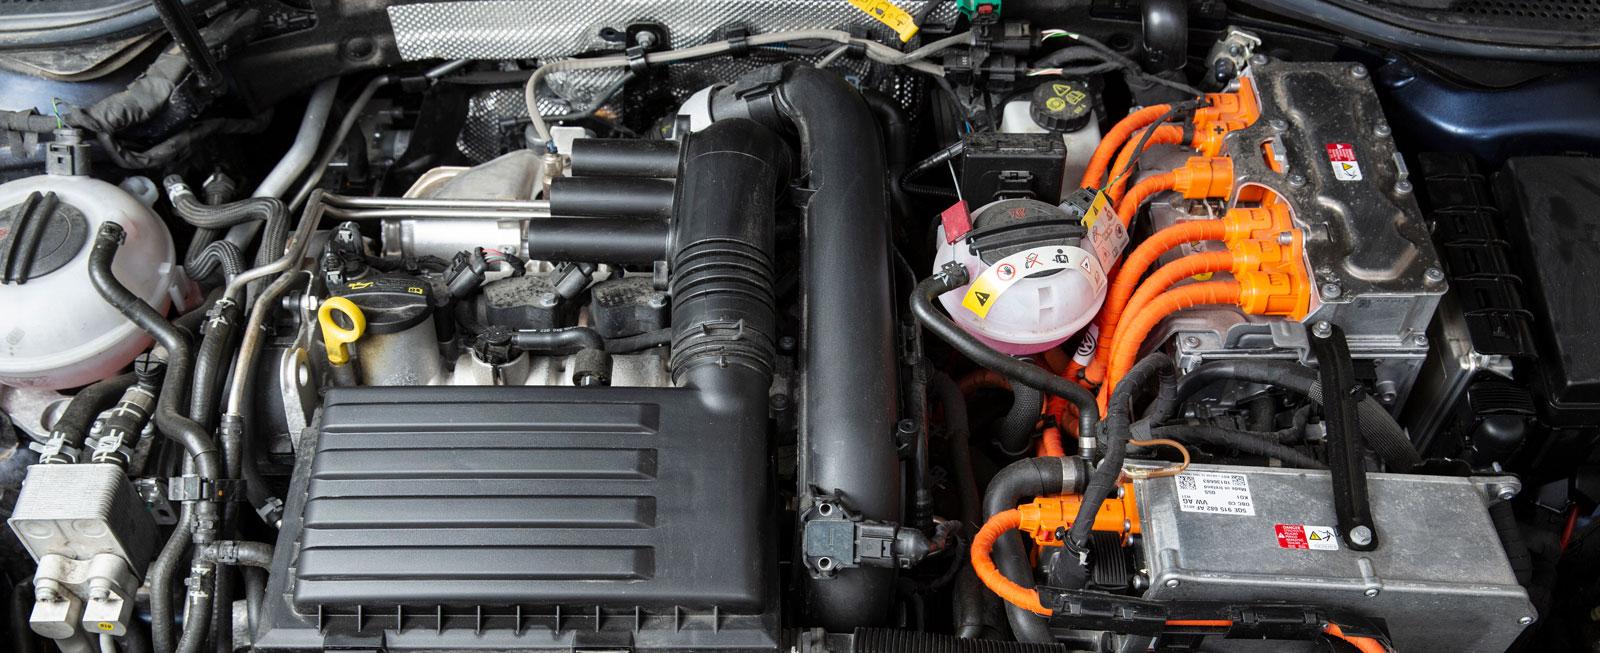 GTE har egentligen den bästa och mest komfortabla drivningen, med gott om extrastyrka och kvick omkörningsacceleration. Räckvidden på el är dock förhållandevis skral.